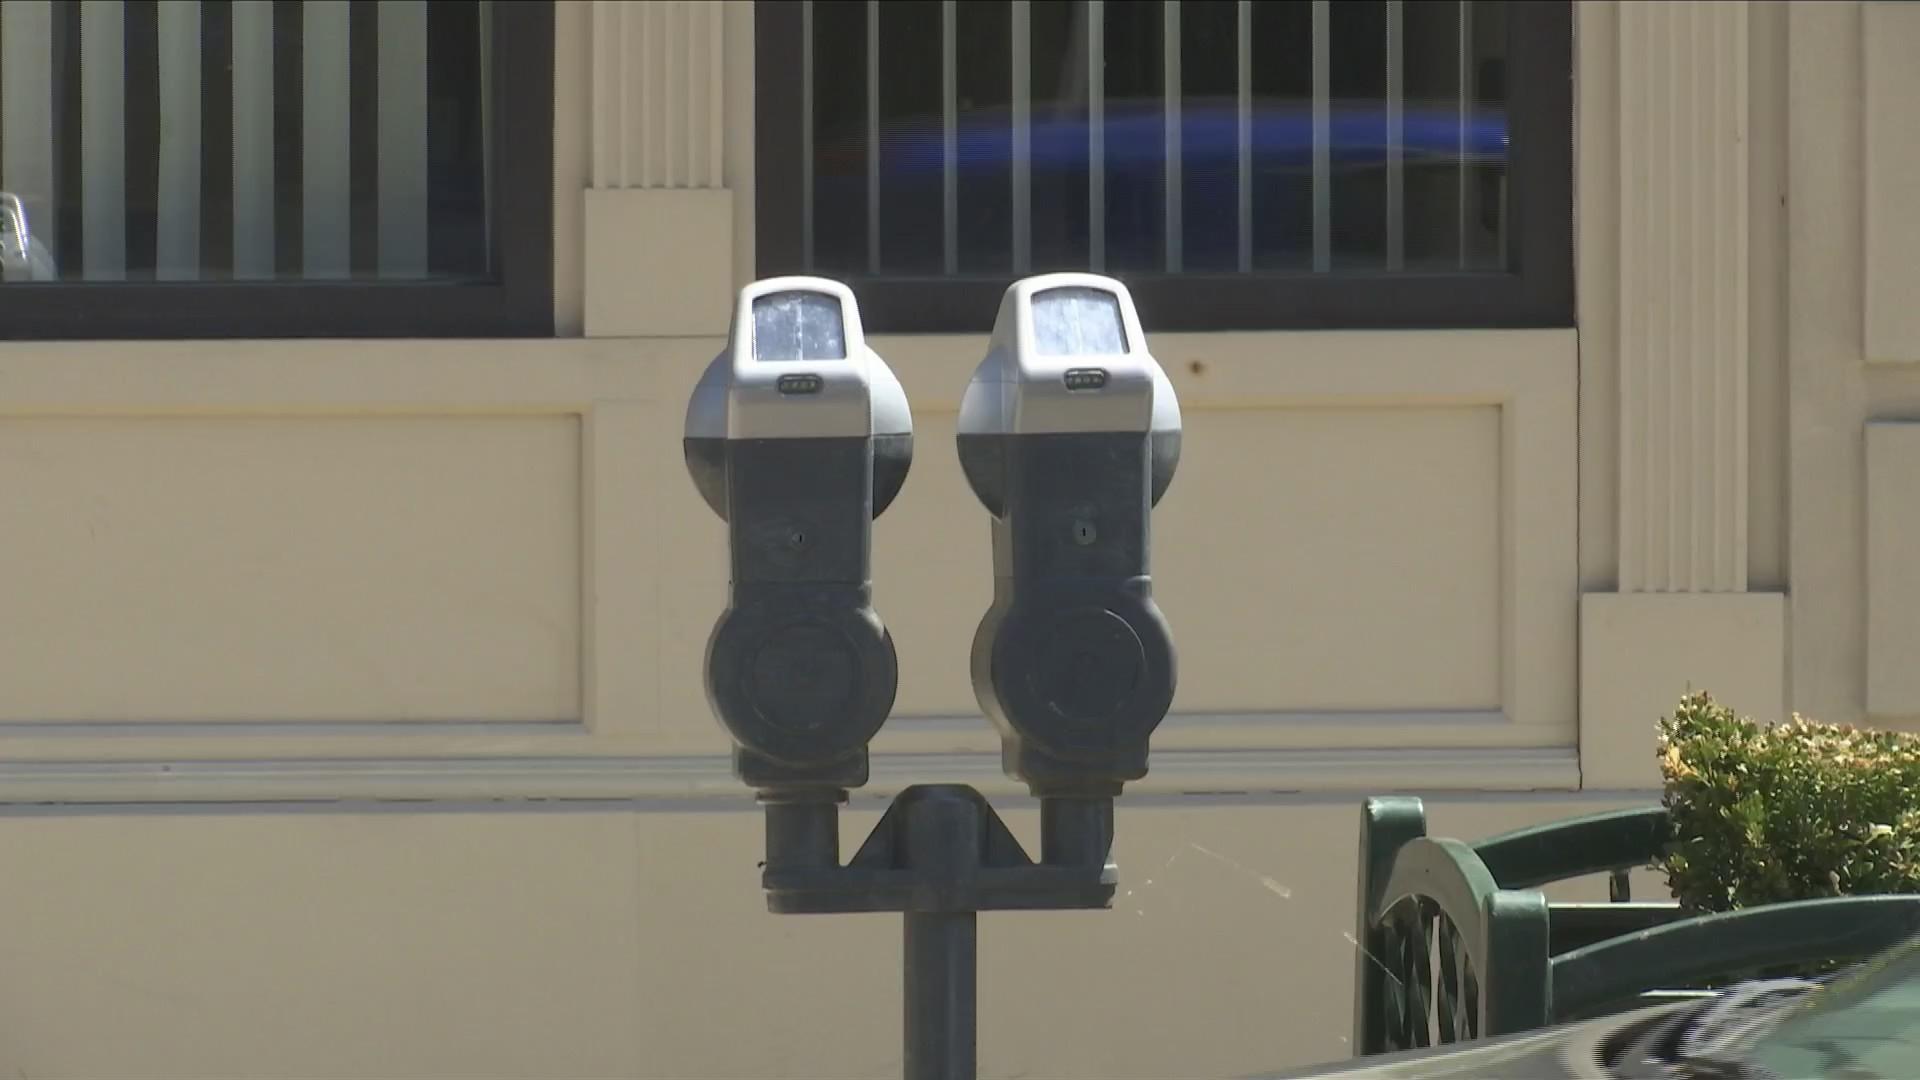 New parking meter woes